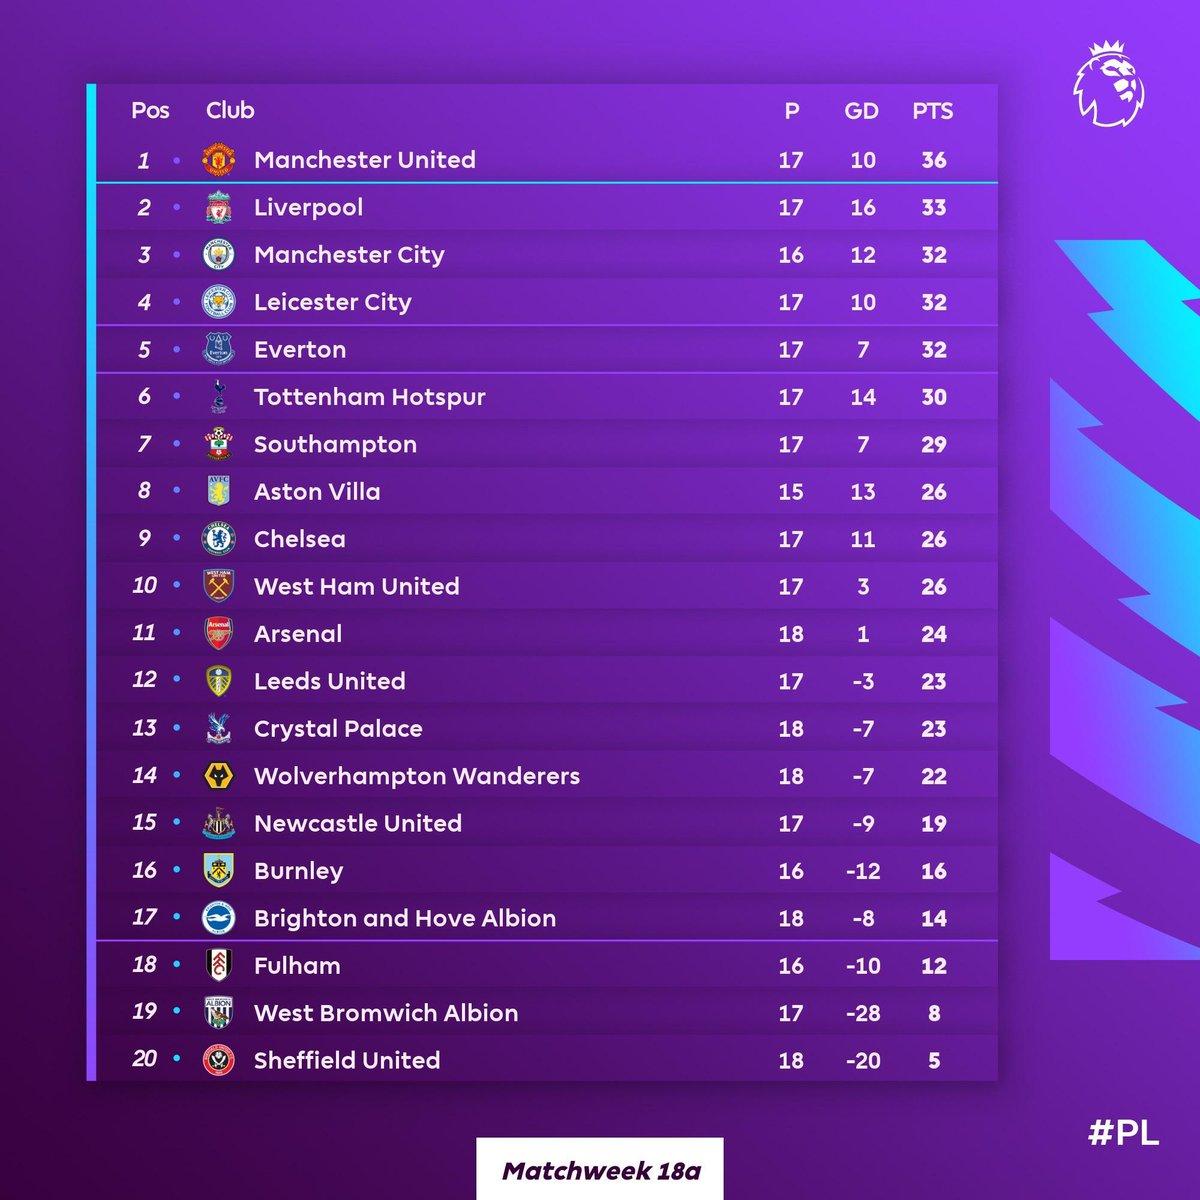 Luego del empate ante el Crystal Palace, el Arsenal es 11 avo con 24 puntos. ¡Vamos Arsenal! #ARSCRY